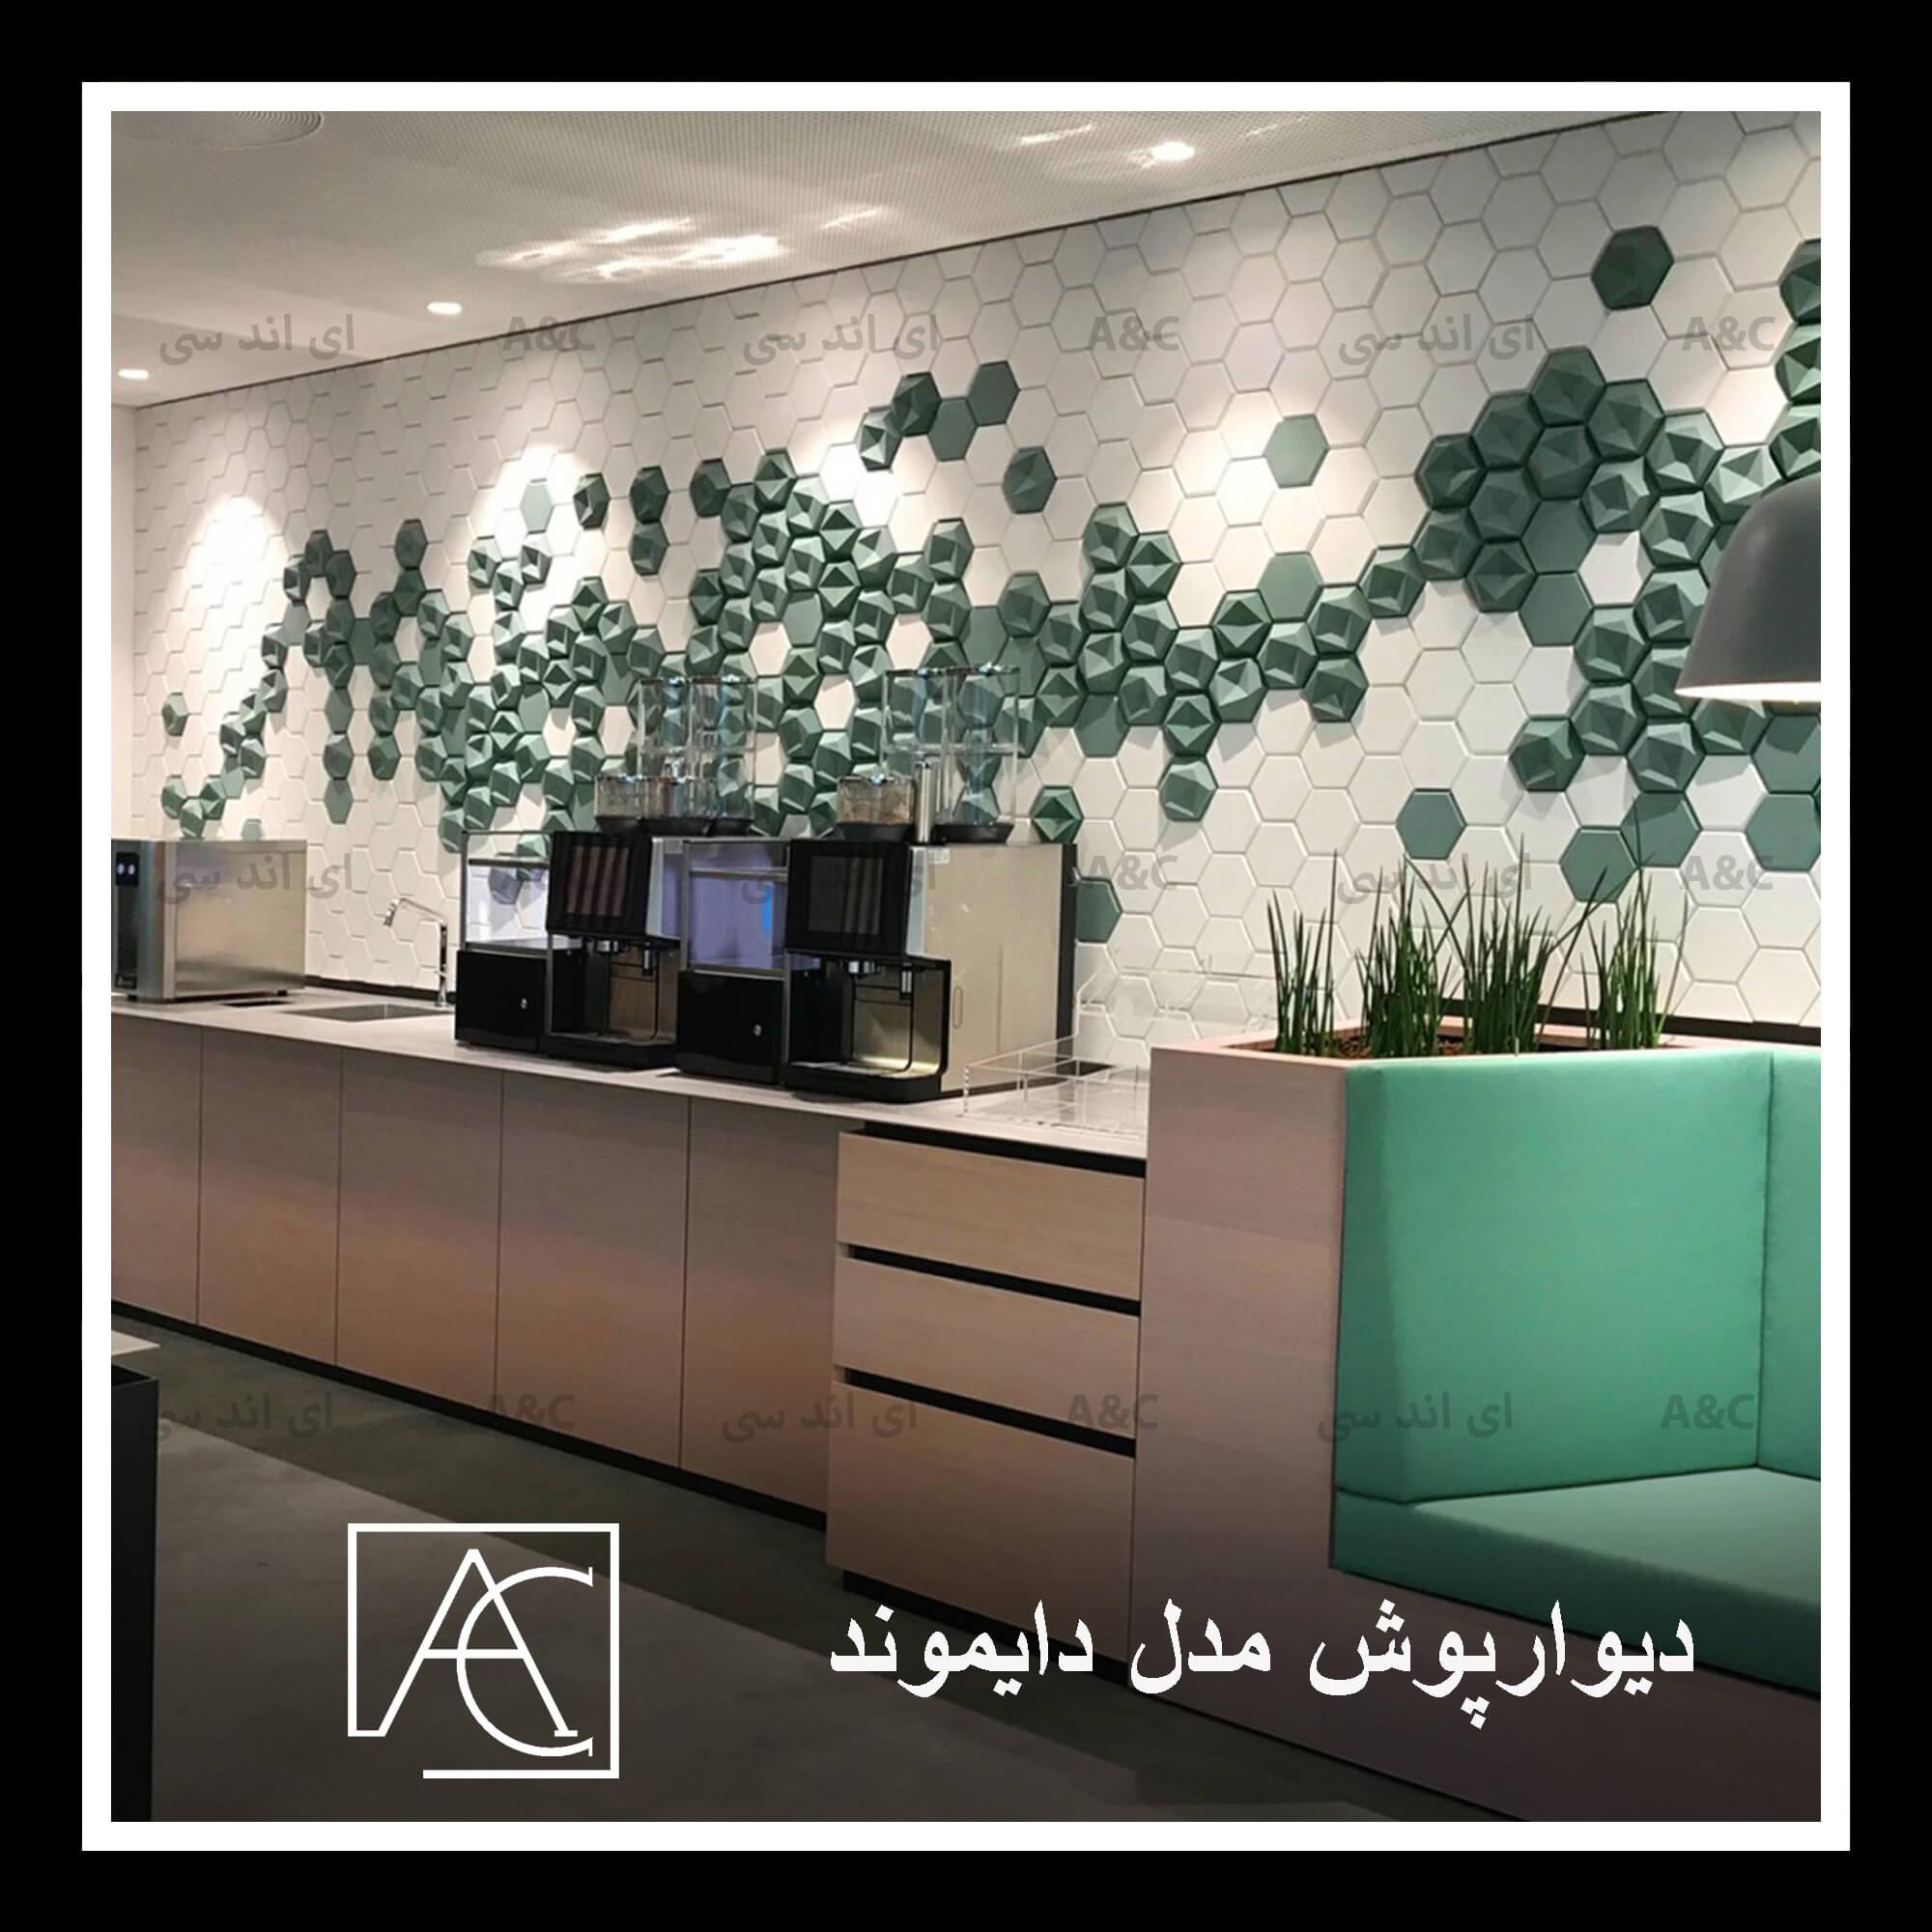 نصب پنل سه بعدی بتن سبک در فضای اداری